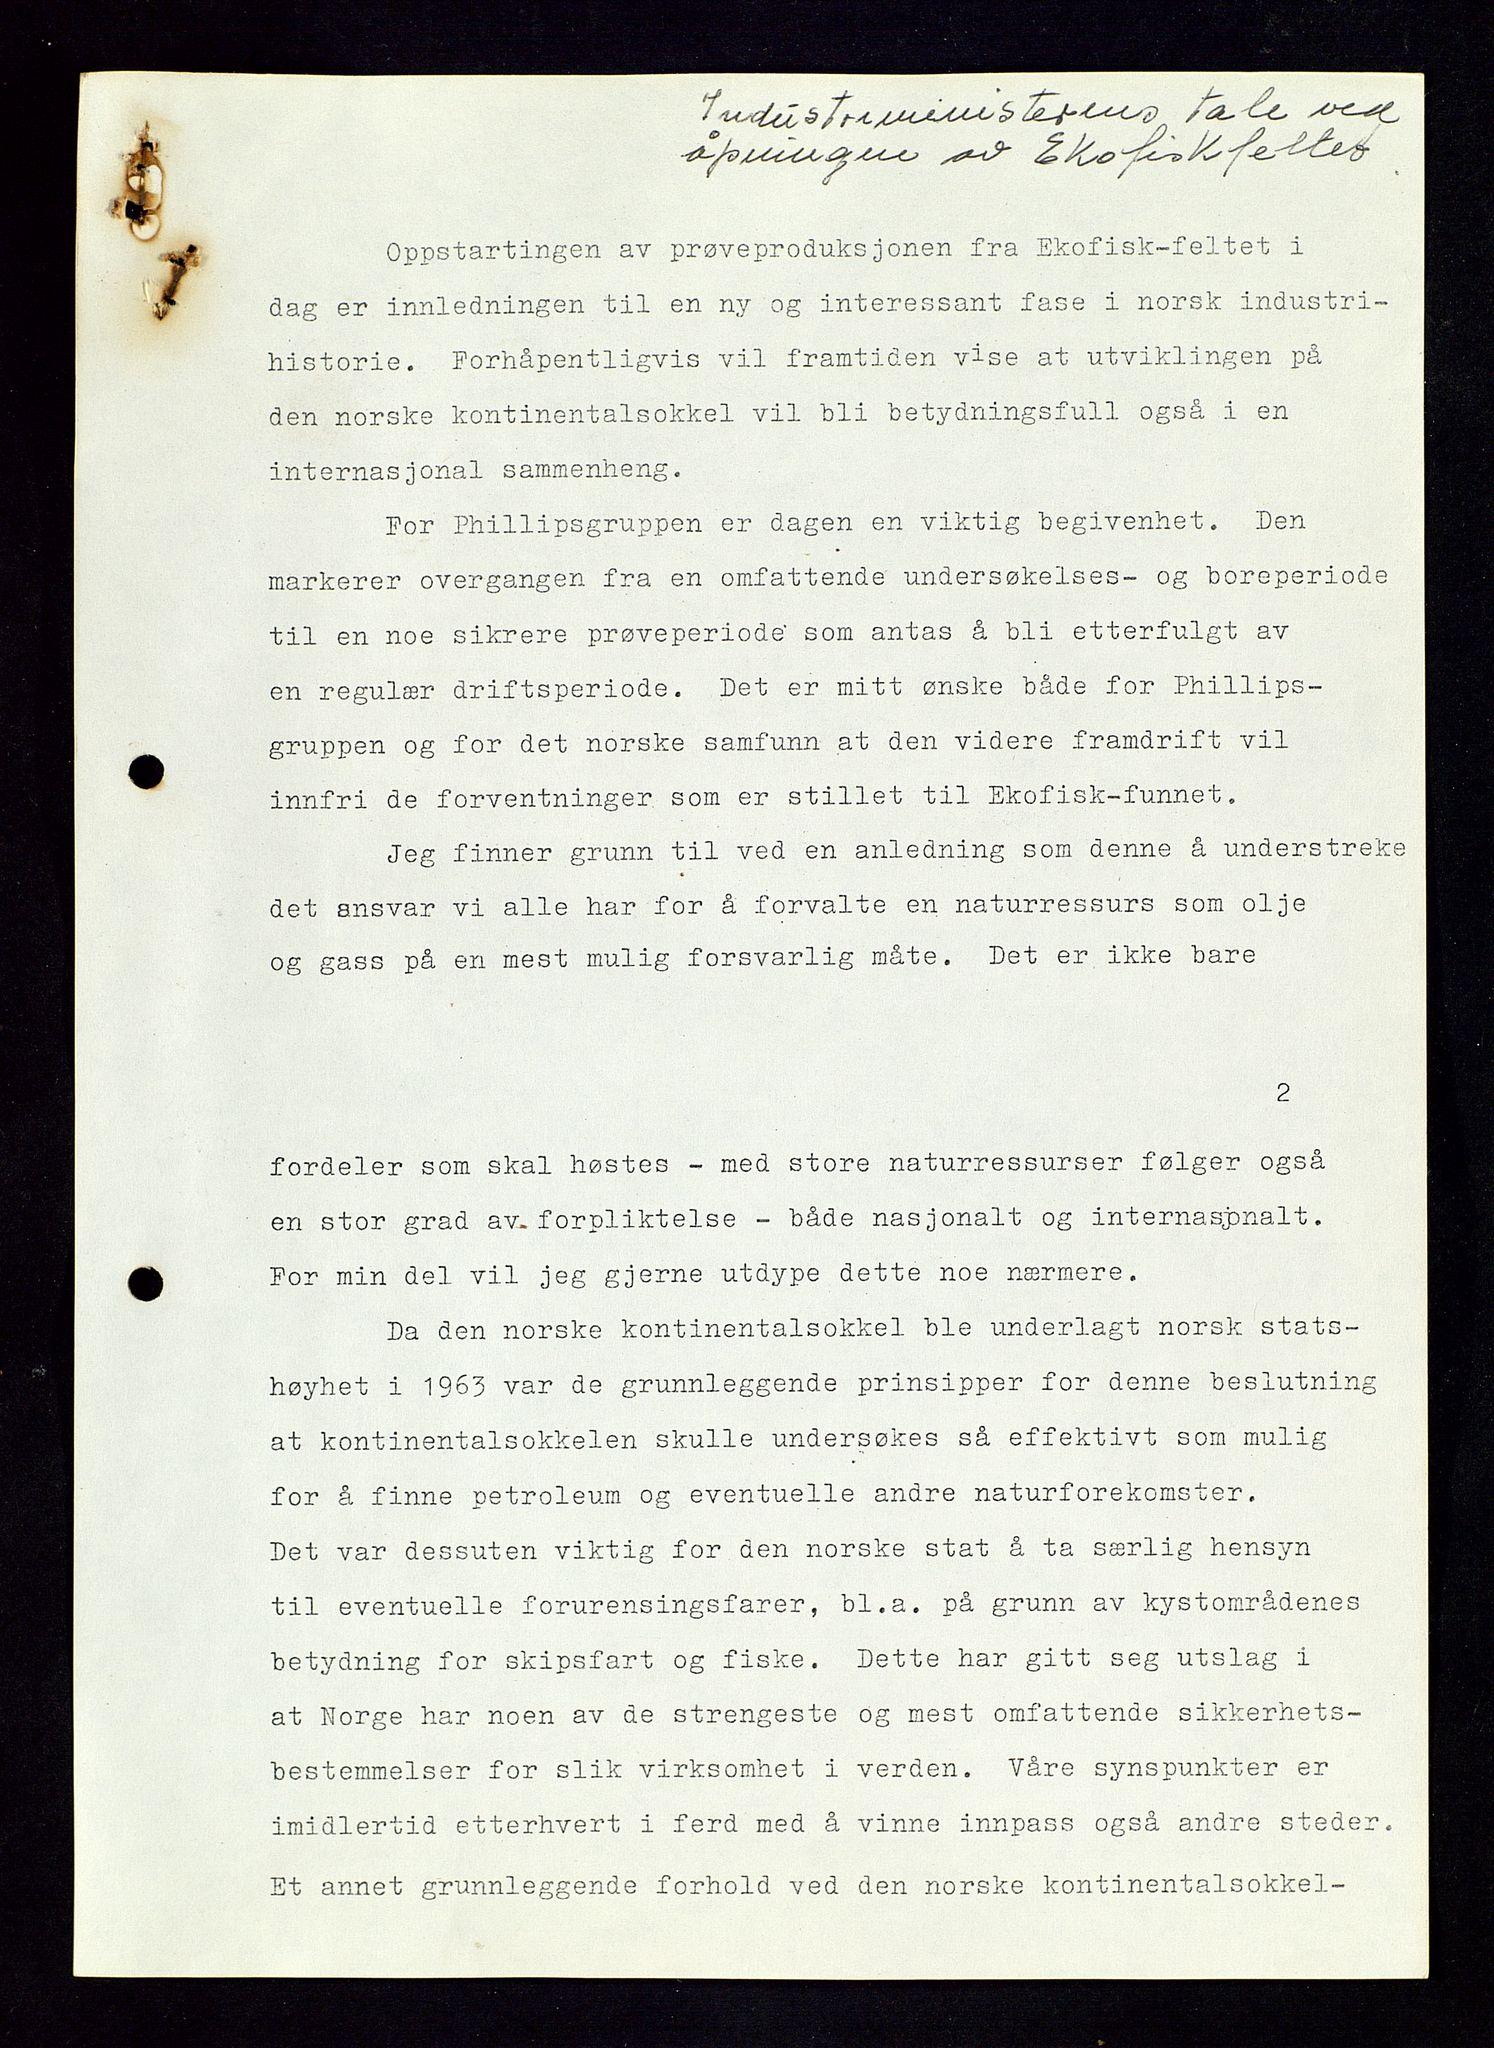 SAST, Industridepartementet, Oljekontoret, Dc/L0011: 740 - 742 Ekofisk prosjekt, prosjektstudier, generelt, 1970-1972